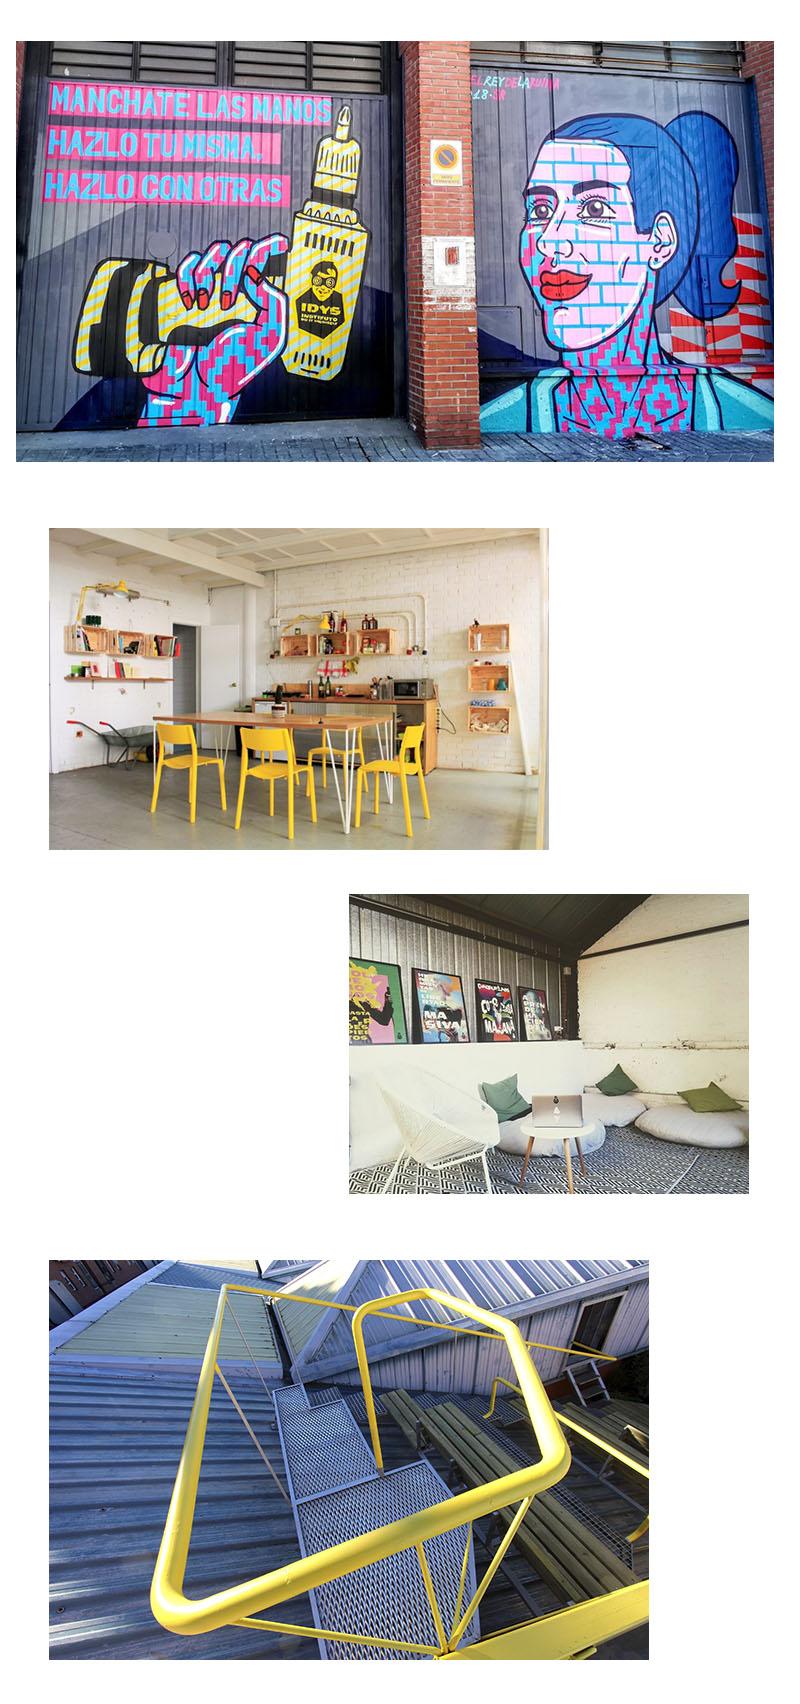 Instituto Do It Yourself Madrid, espacio de creación y experimentación ciudadana